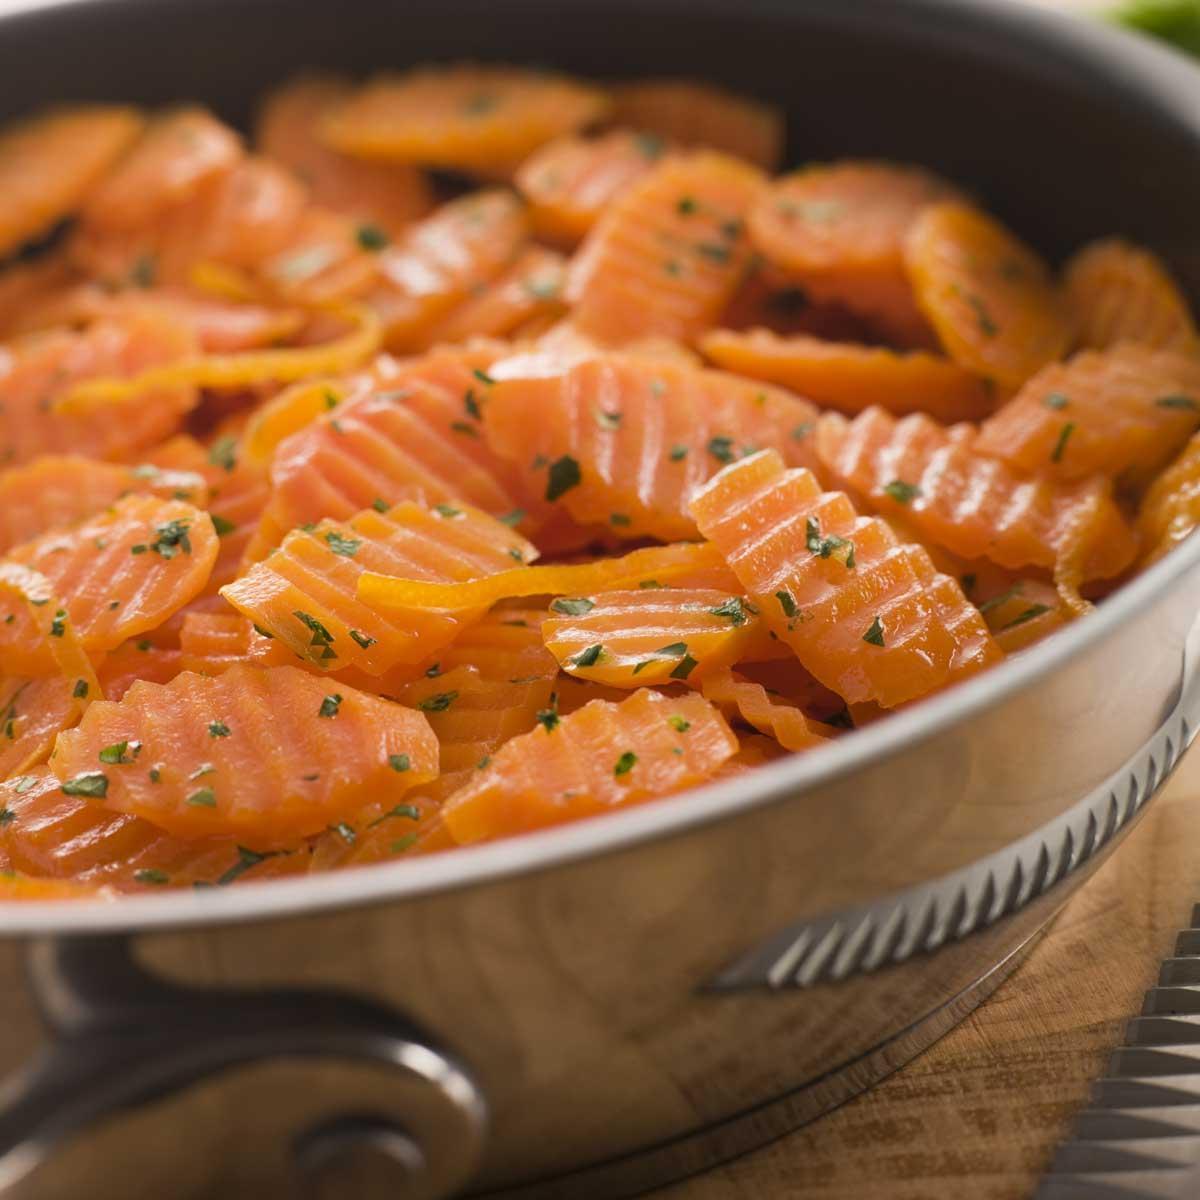 Recette carottes vichy cuisine madame figaro - Cours de cuisine vichy ...